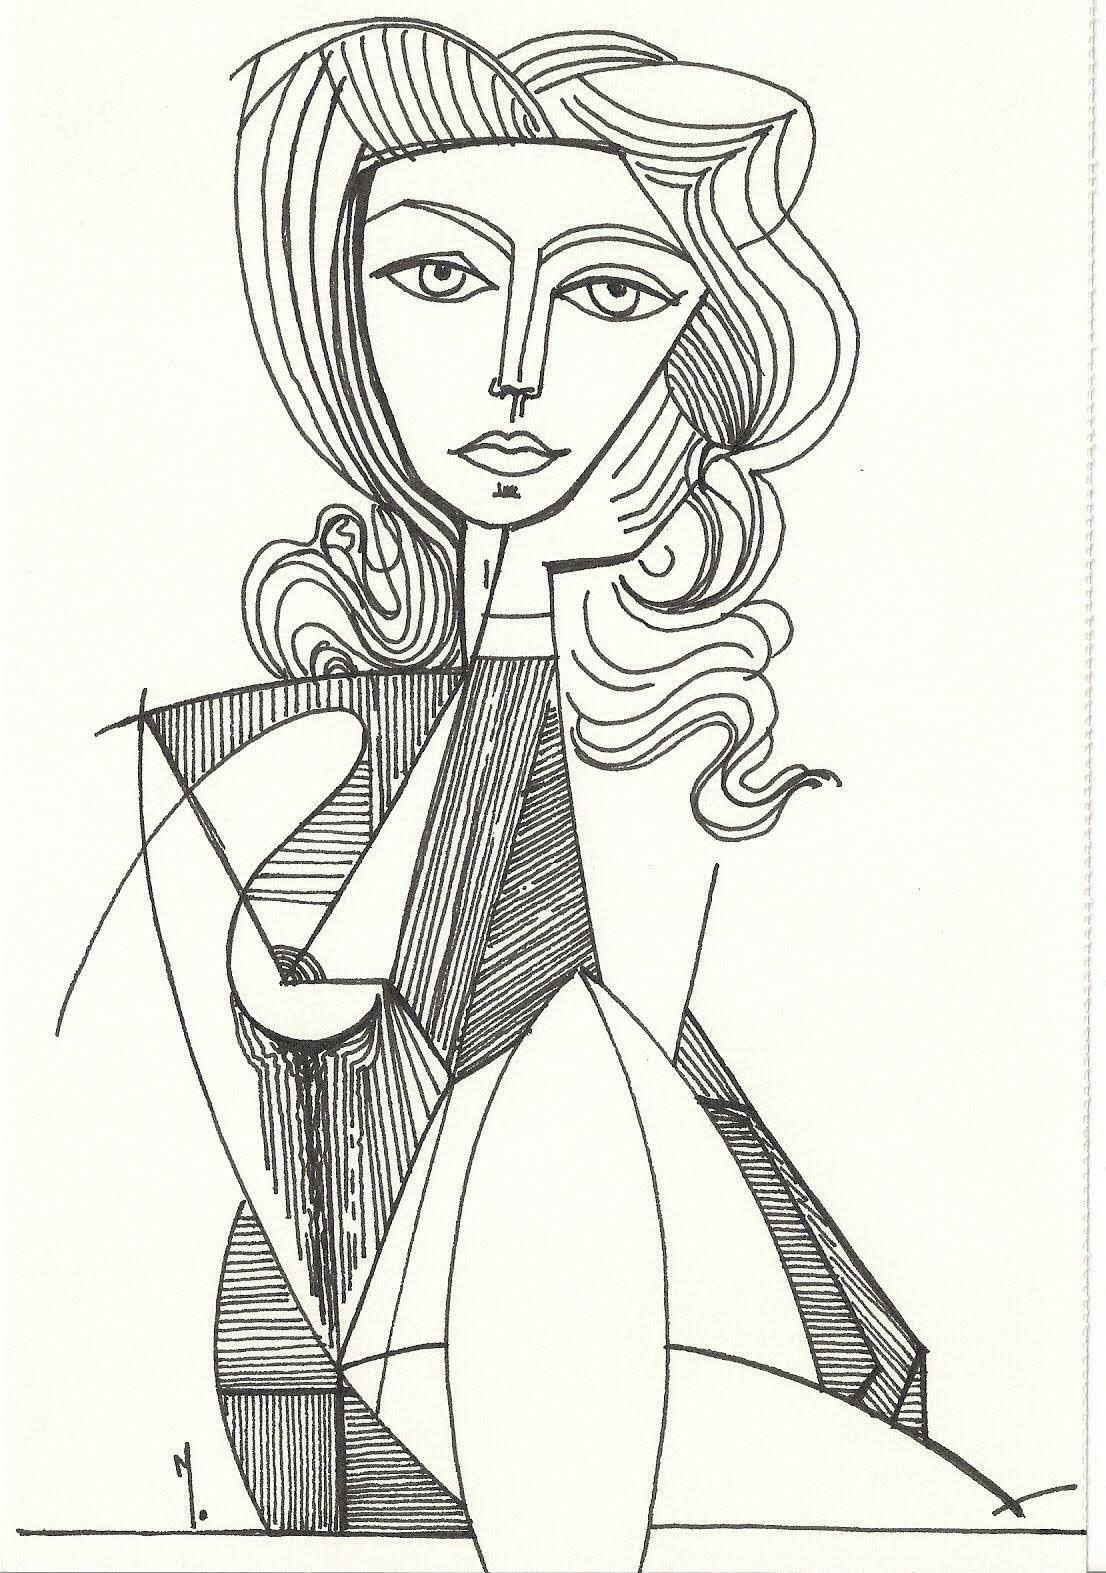 Épinglé par Bendou Youcef sur PABLO PICASSO en 2020 | Dessin picasso, Picasso, Dessin